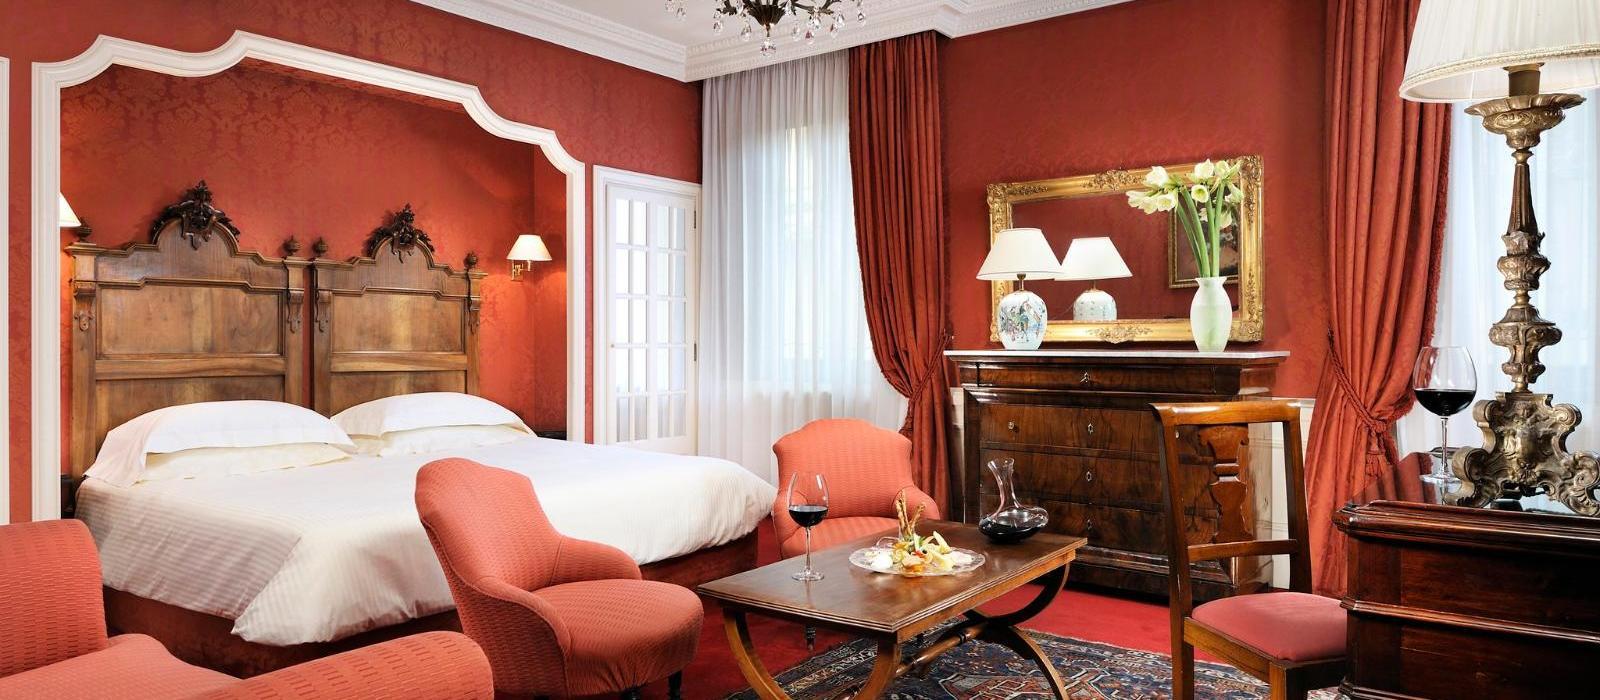 赫尔维西亚及布里斯托酒店(Hotel Helvetia & Bristol) 图片  www.lhw.cn